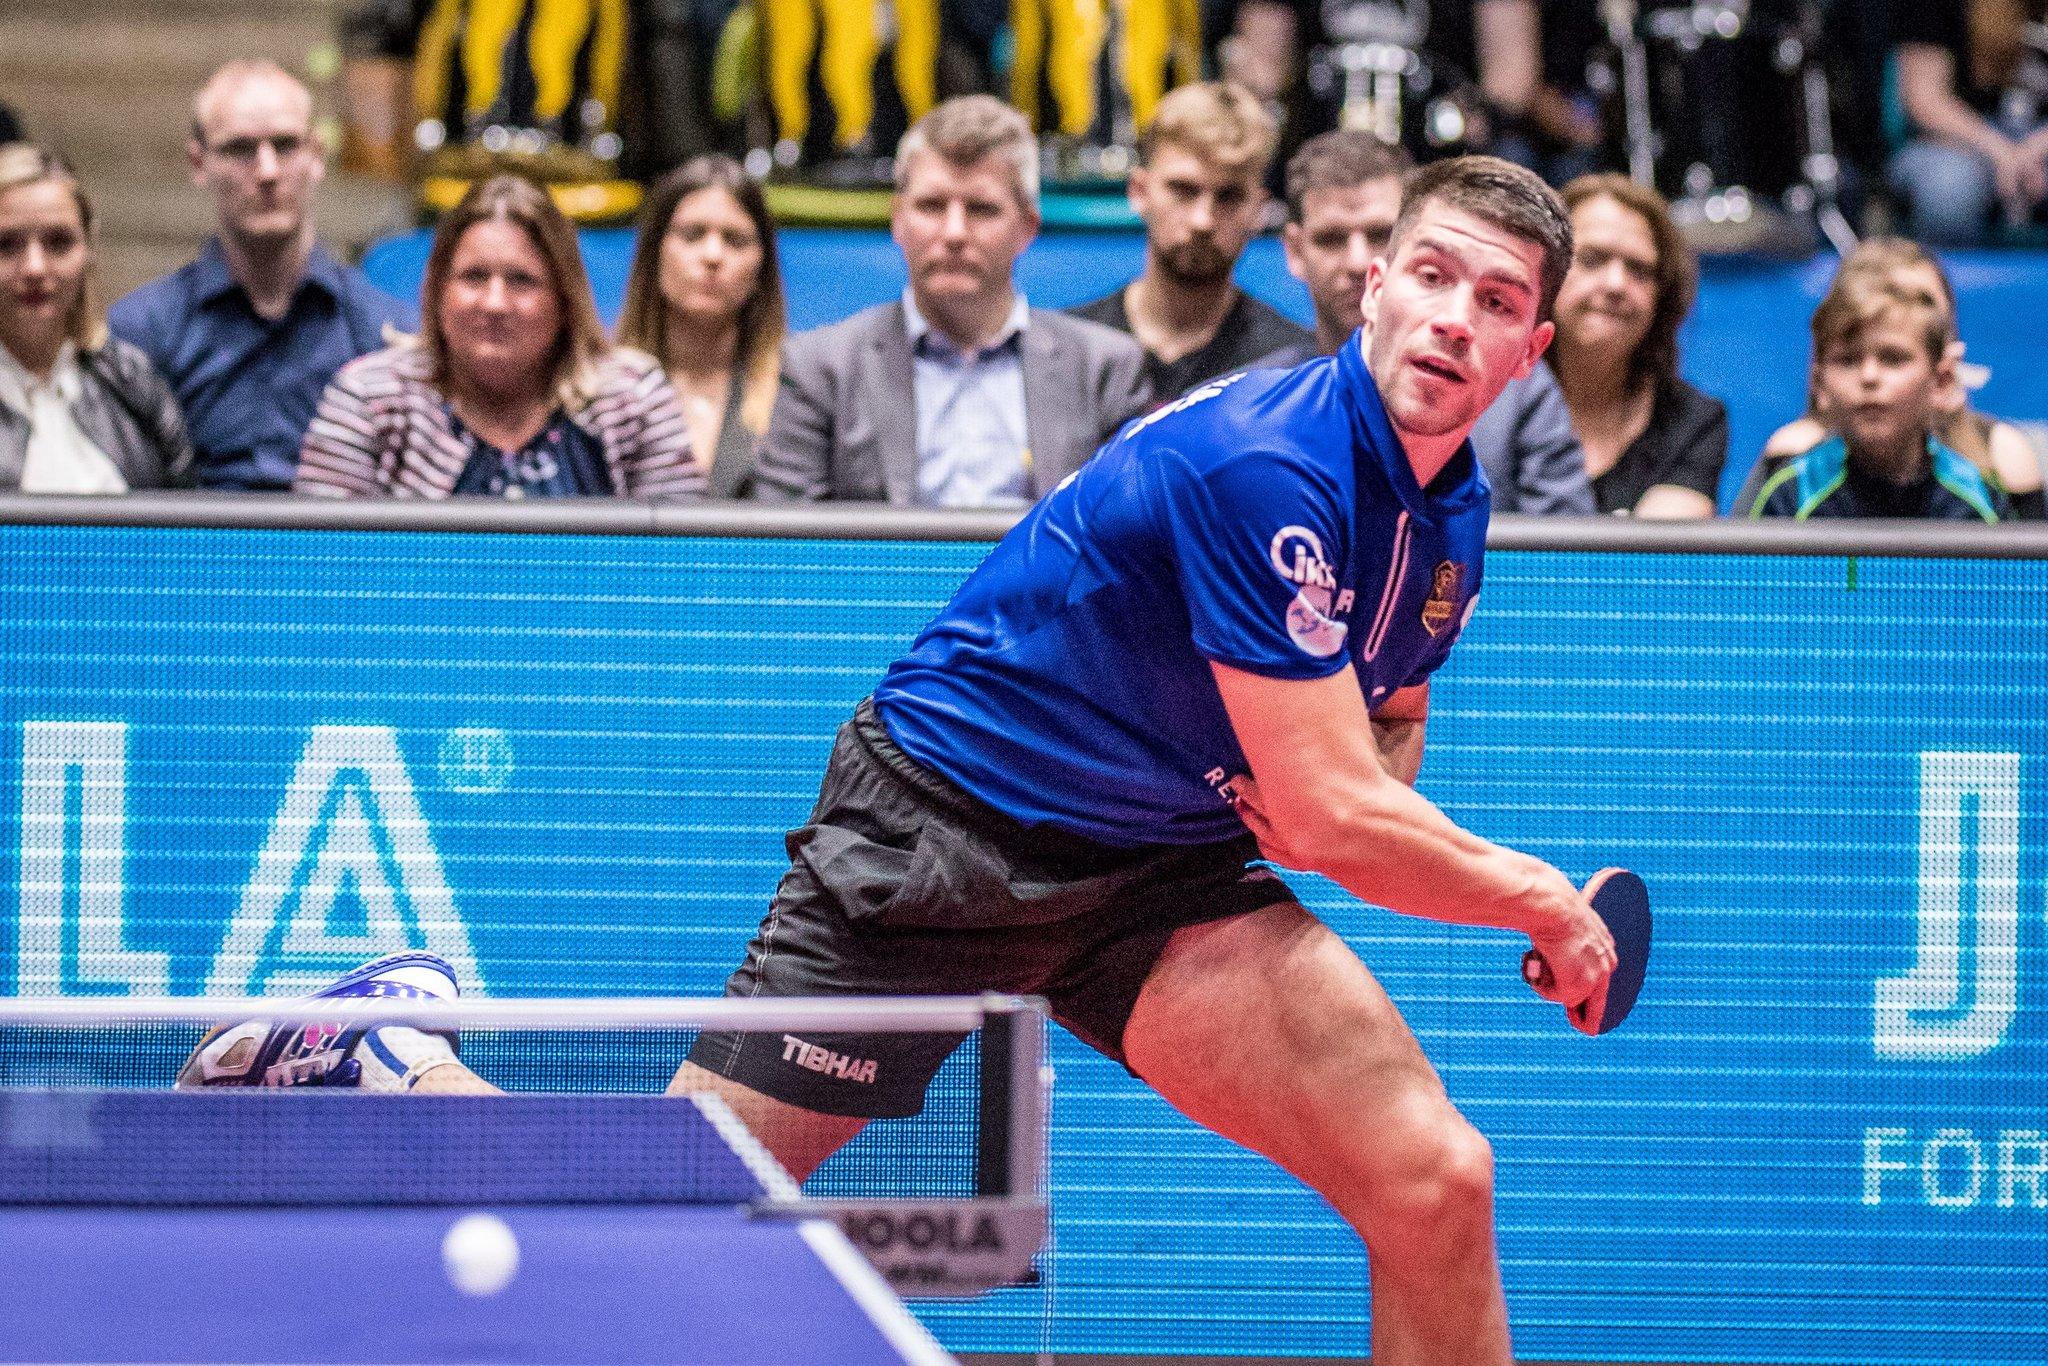 Tischtennis Grünwettersbach